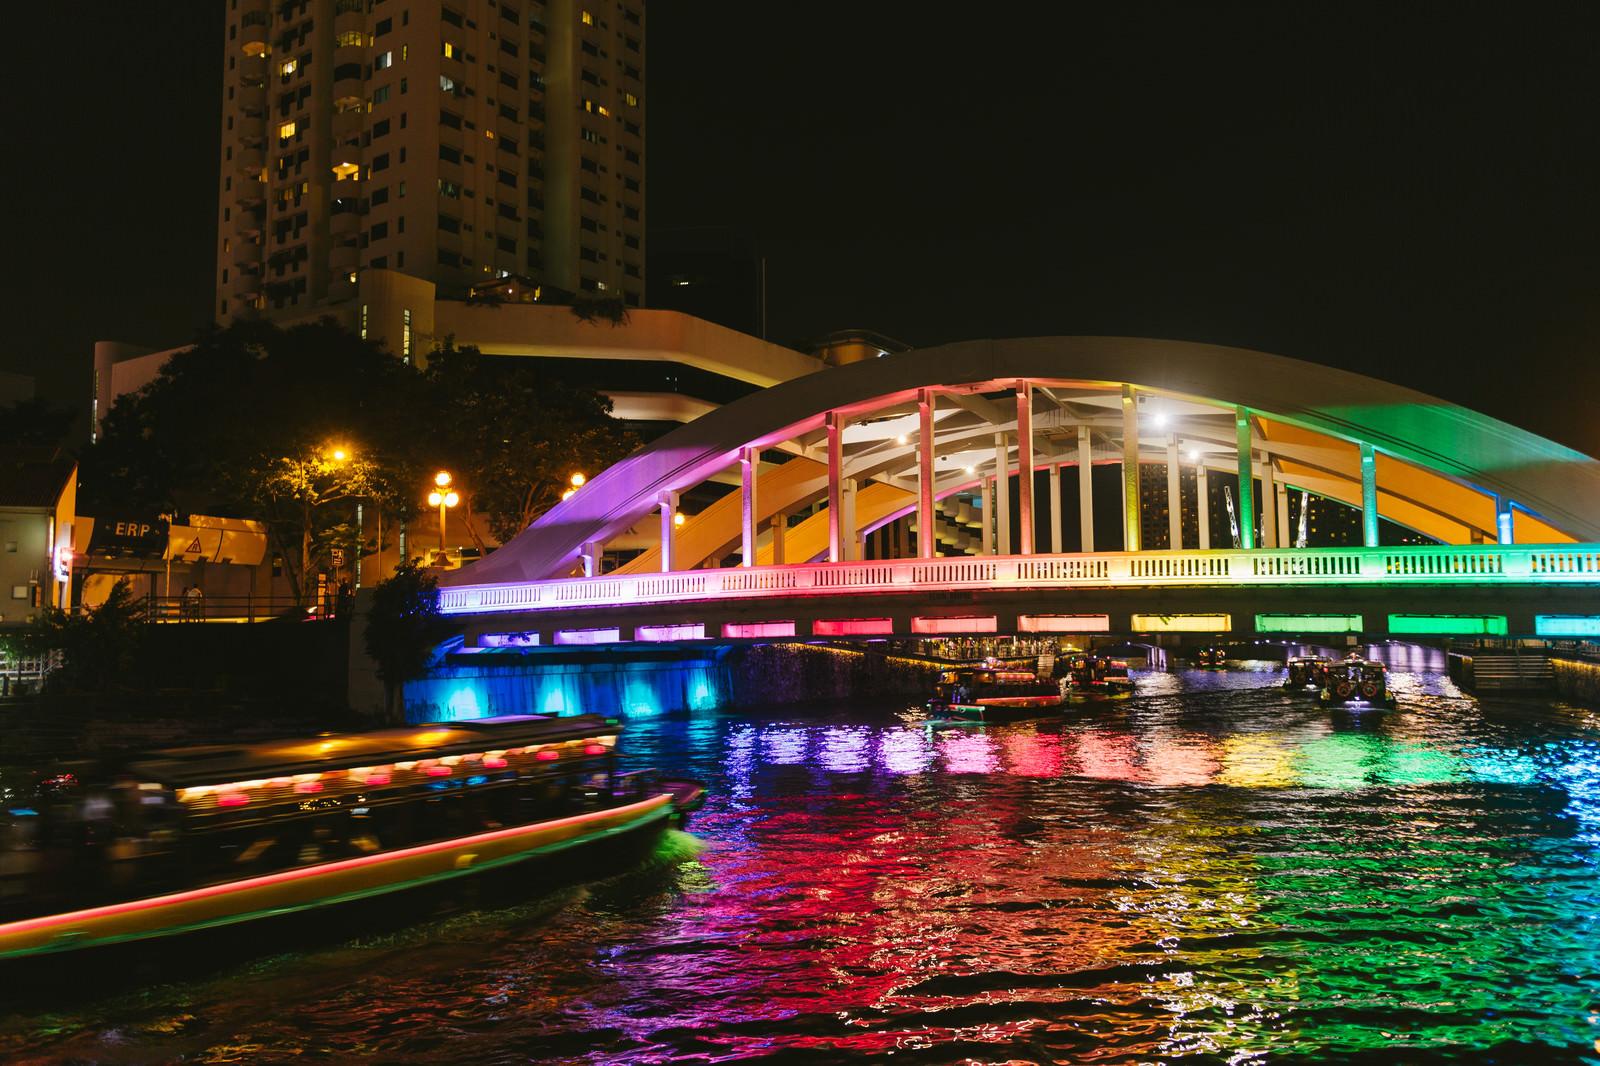 「虹色にライトアップされた橋と屋形船(シンガポール)」の写真